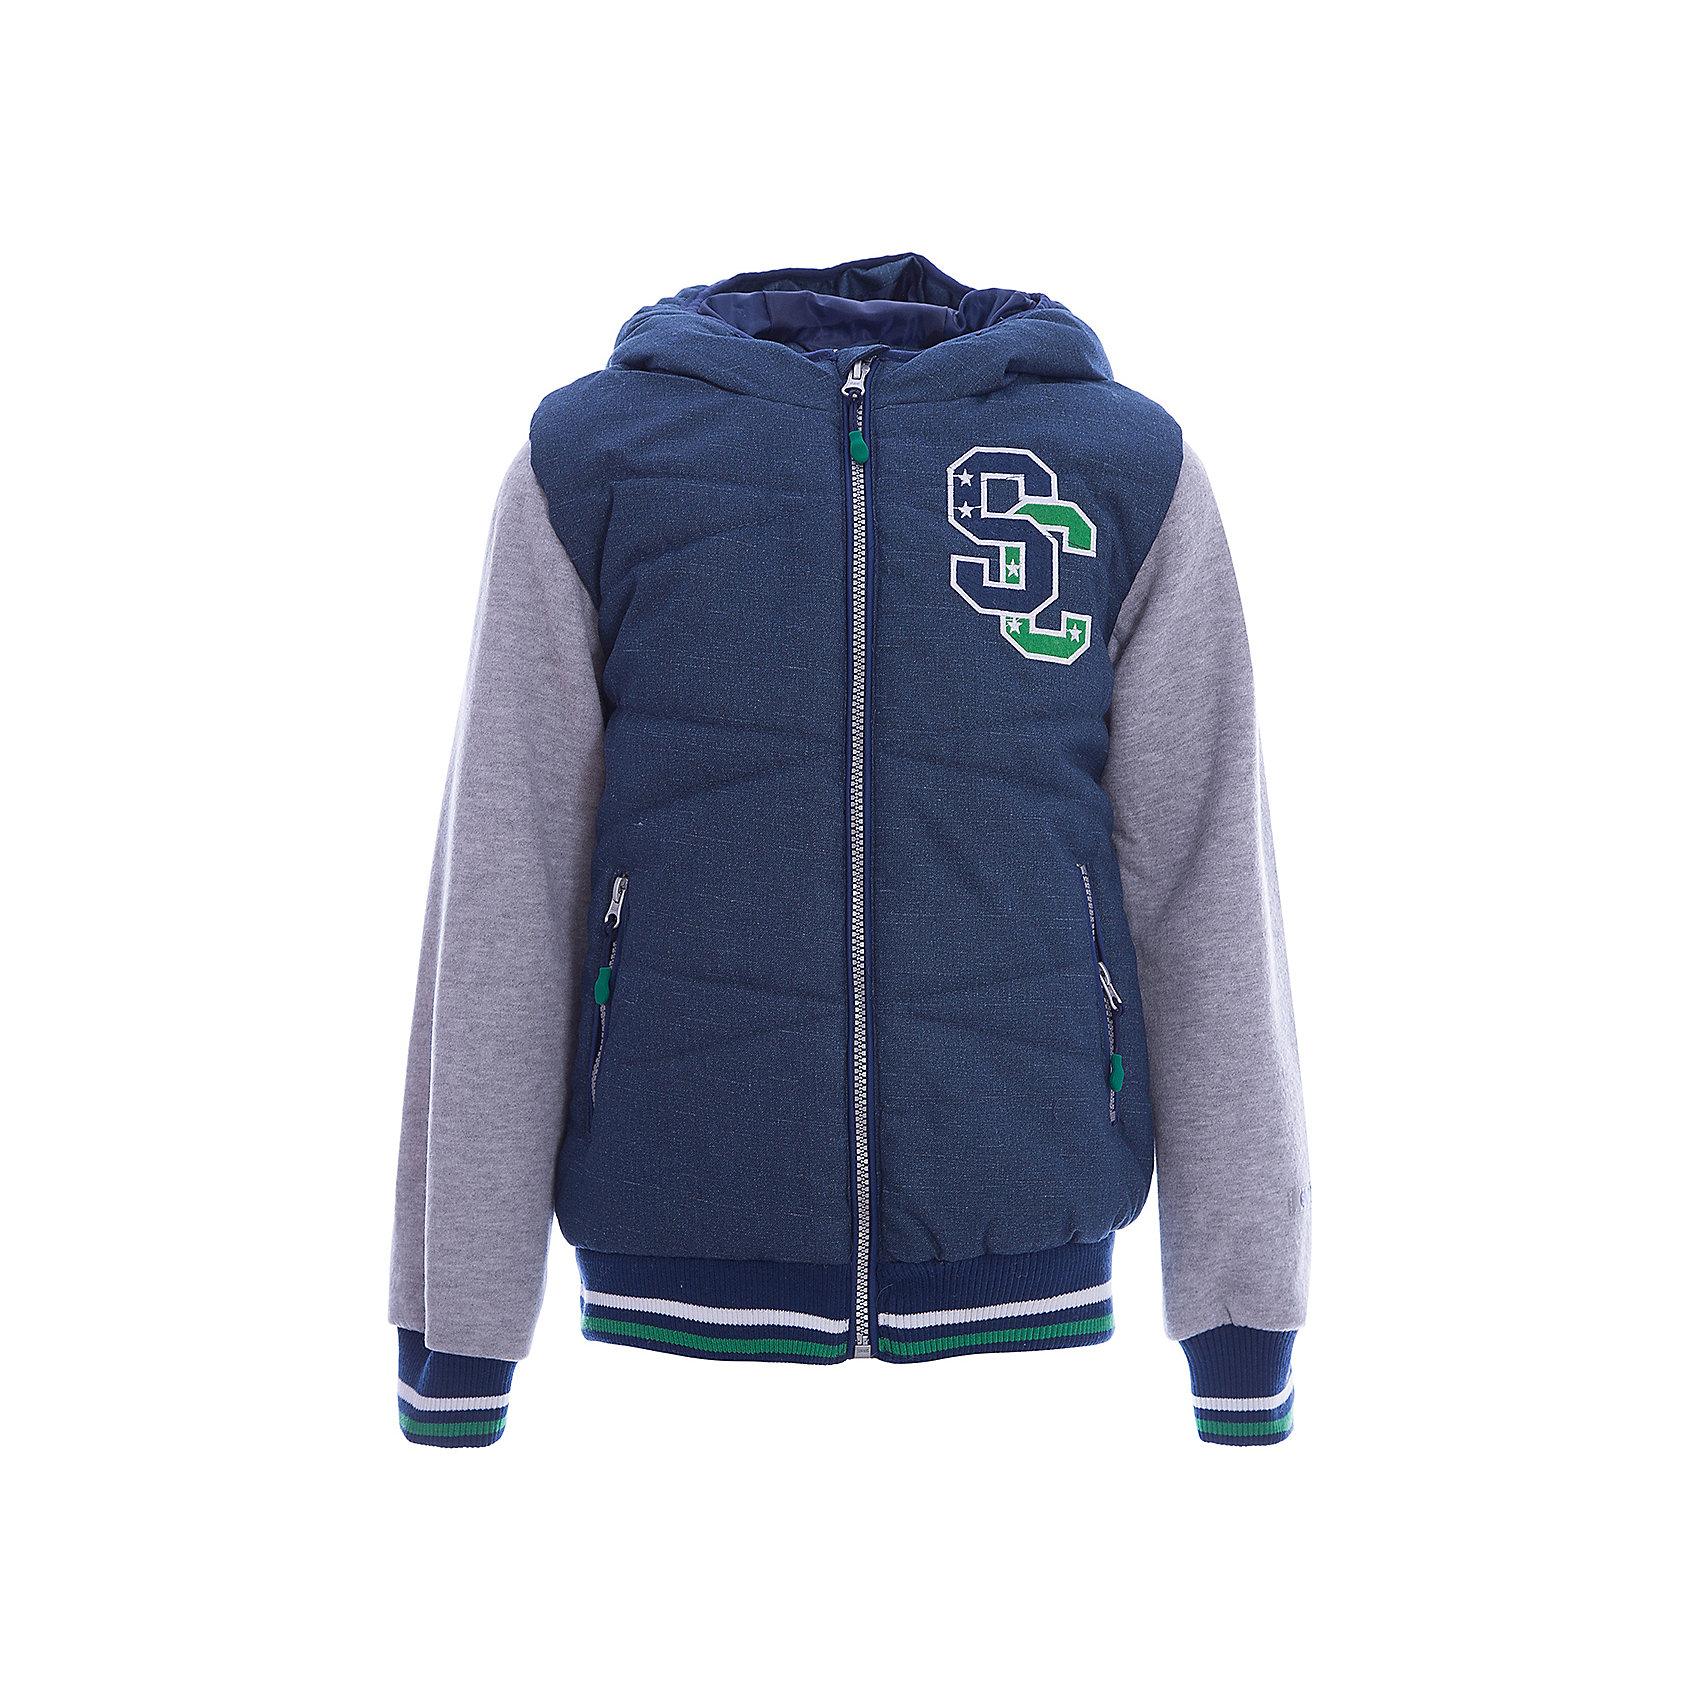 Куртка для мальчика ScoolВерхняя одежда<br>Характеристики товара:<br><br>• цвет: зелёный/серый<br>• состав: 100% полиэстер<br>• подкладка: 100% полиэстер<br>• утеплитель: 100% полиэстер, 150 г/м2<br>• температурный режим: от +5°С до +15°С<br>• декорирована аппликацией<br>• водоотталкивающая пропитка<br>• защита подбородка от молнии<br>• удобные карманы<br>• молния<br>• мягкие манжеты<br>• светоотражающие элементы<br>• капюшон не остёгивается<br>• страна бренда: Германия<br>• страна производства: Китай<br><br>Эффектная утепленная куртка на молнии с капюшоном прекрасно подойдет ребенку в прохладную погоду. Специальный карман для фиксации застежки-молнии не позволит застежке травмировать нежную кожу ребенка. Даже у самого активного ребенка капюшон не спадет с головы за счет удобной мягкой резинки. Наличие светооражателя на подоле позволит видеть ребенка в темное время суток. За счет рукавов из текстиля с начесом, такая куртка будет уместна и в прохладную погоду.<br><br>Куртку для мальчика от известного бренда Scool можно купить в нашем интернет-магазине.<br><br>Ширина мм: 356<br>Глубина мм: 10<br>Высота мм: 245<br>Вес г: 519<br>Цвет: разноцветный<br>Возраст от месяцев: 156<br>Возраст до месяцев: 168<br>Пол: Мужской<br>Возраст: Детский<br>Размер: 164,146,134,140,152,158<br>SKU: 5406522